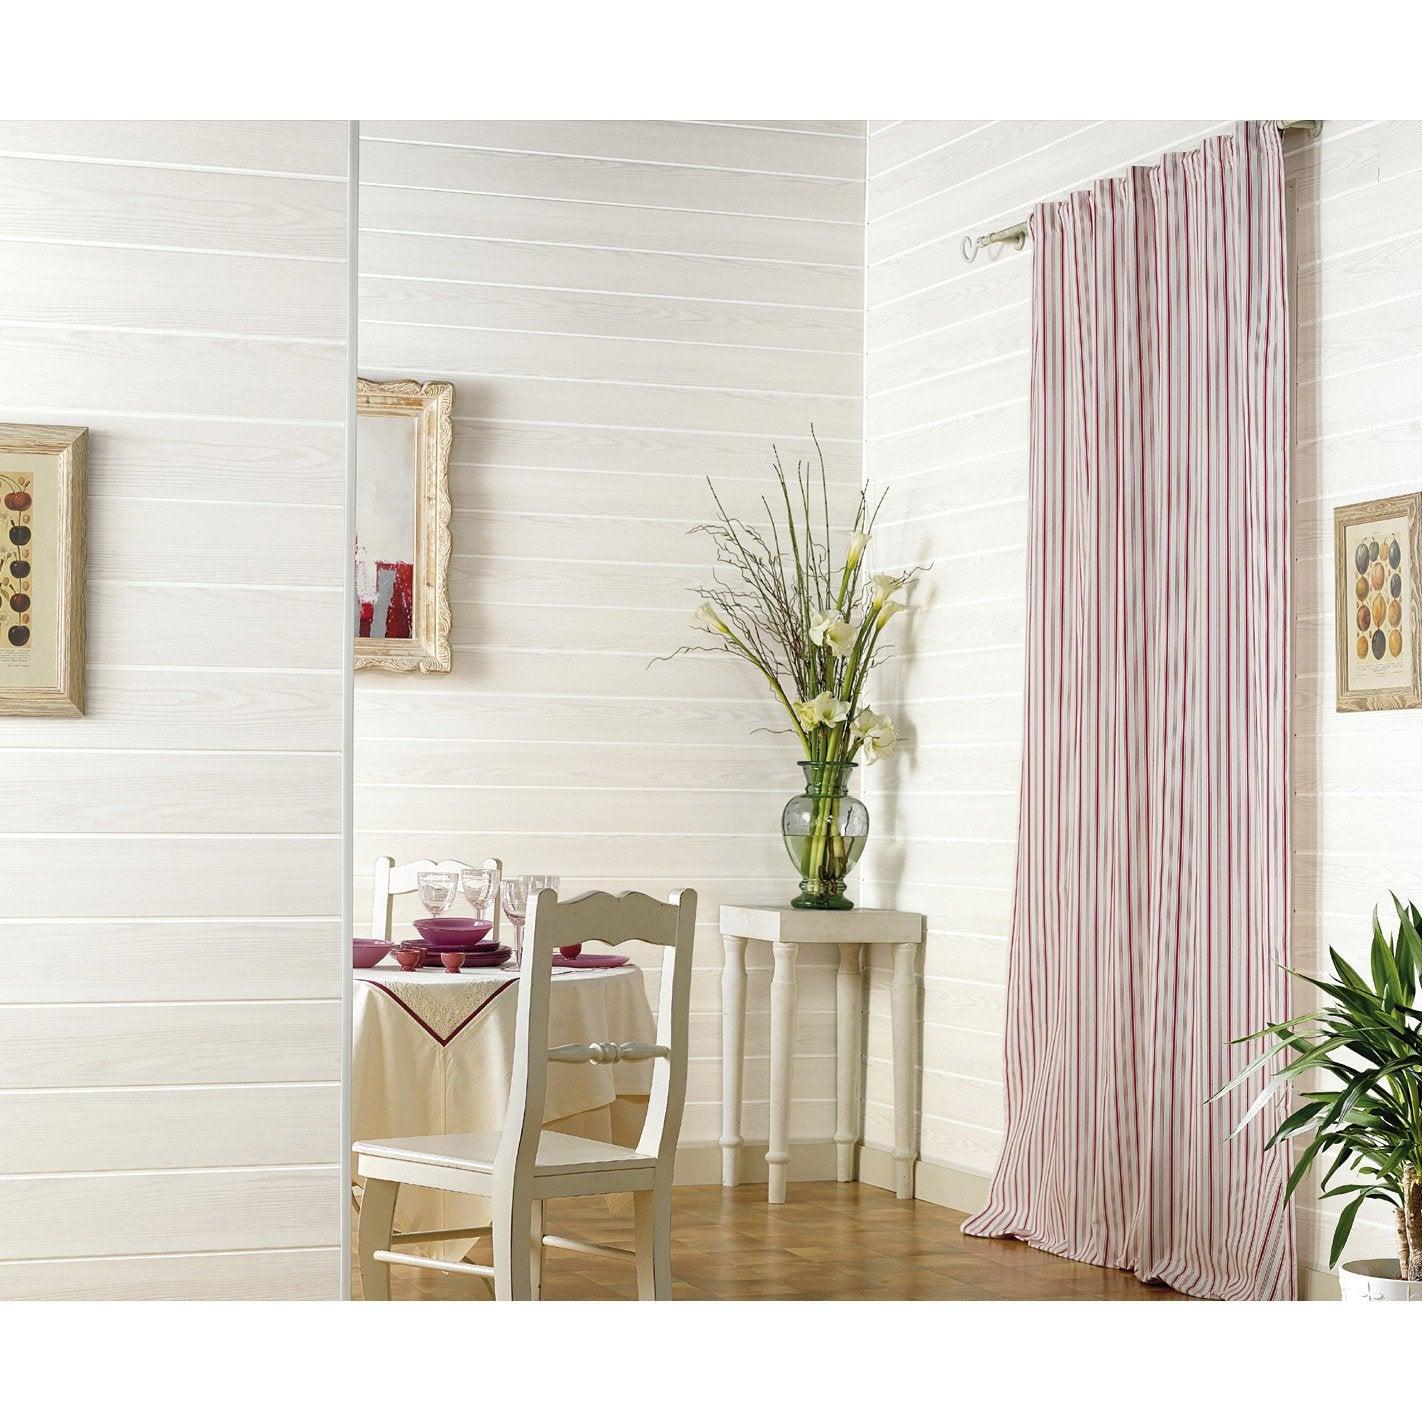 lambris pvc bois fin blanc grosfillex l.260 x l.37.5 cm x ep.8 mm ... - Lambris Pvc Salle De Bain Grosfillex